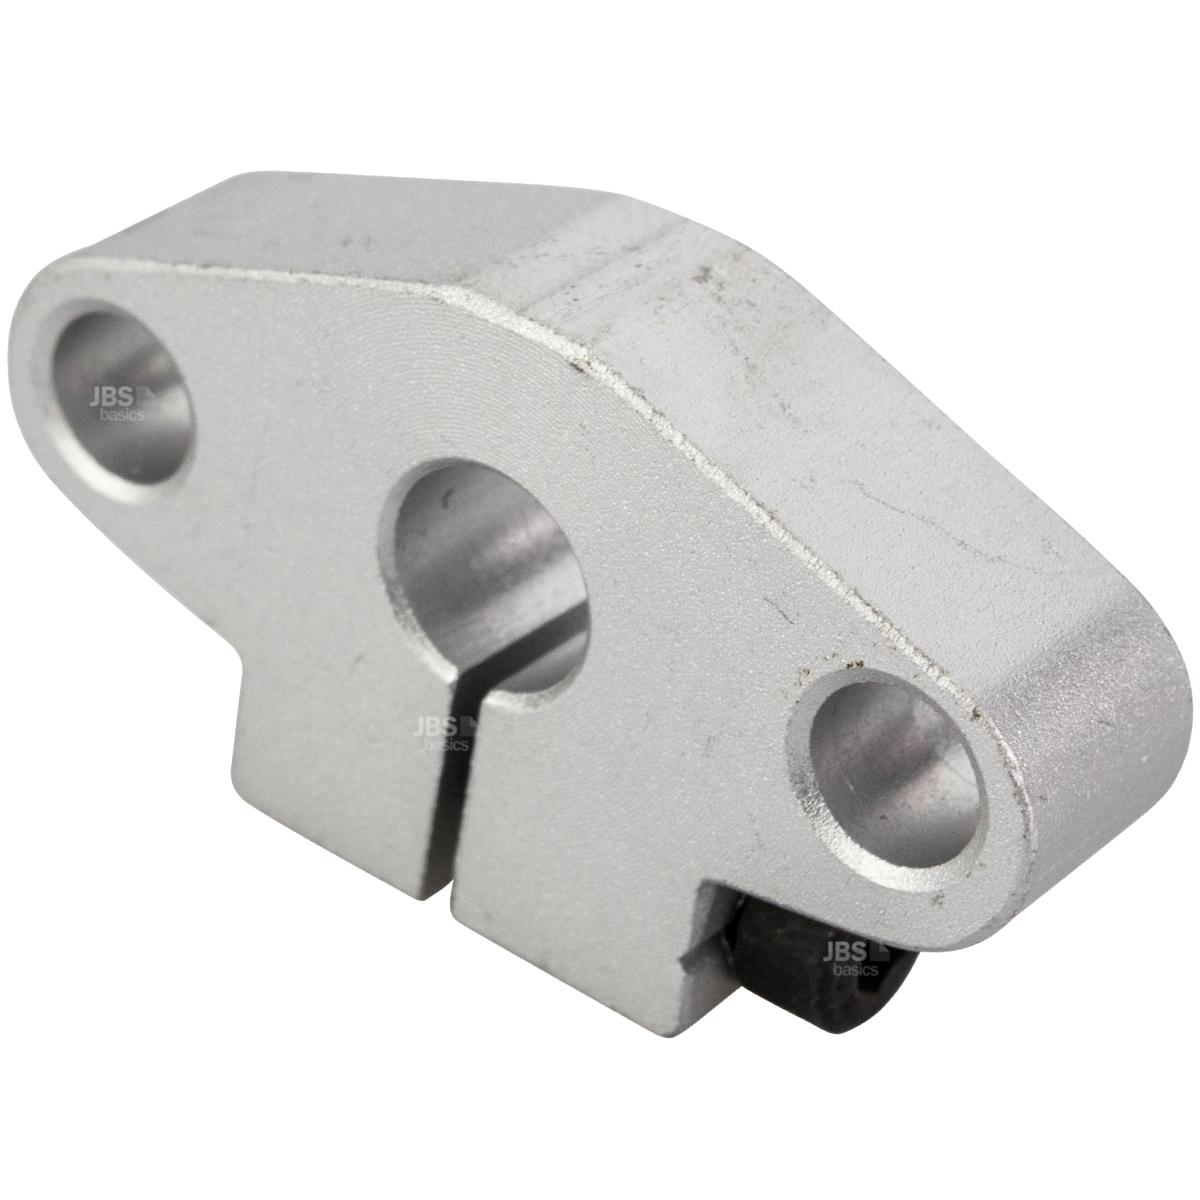 ► 1 Stk SHF10 Wellenhalter 10mm Welle CNC 3D Drucker Linearführung SHF Halterung